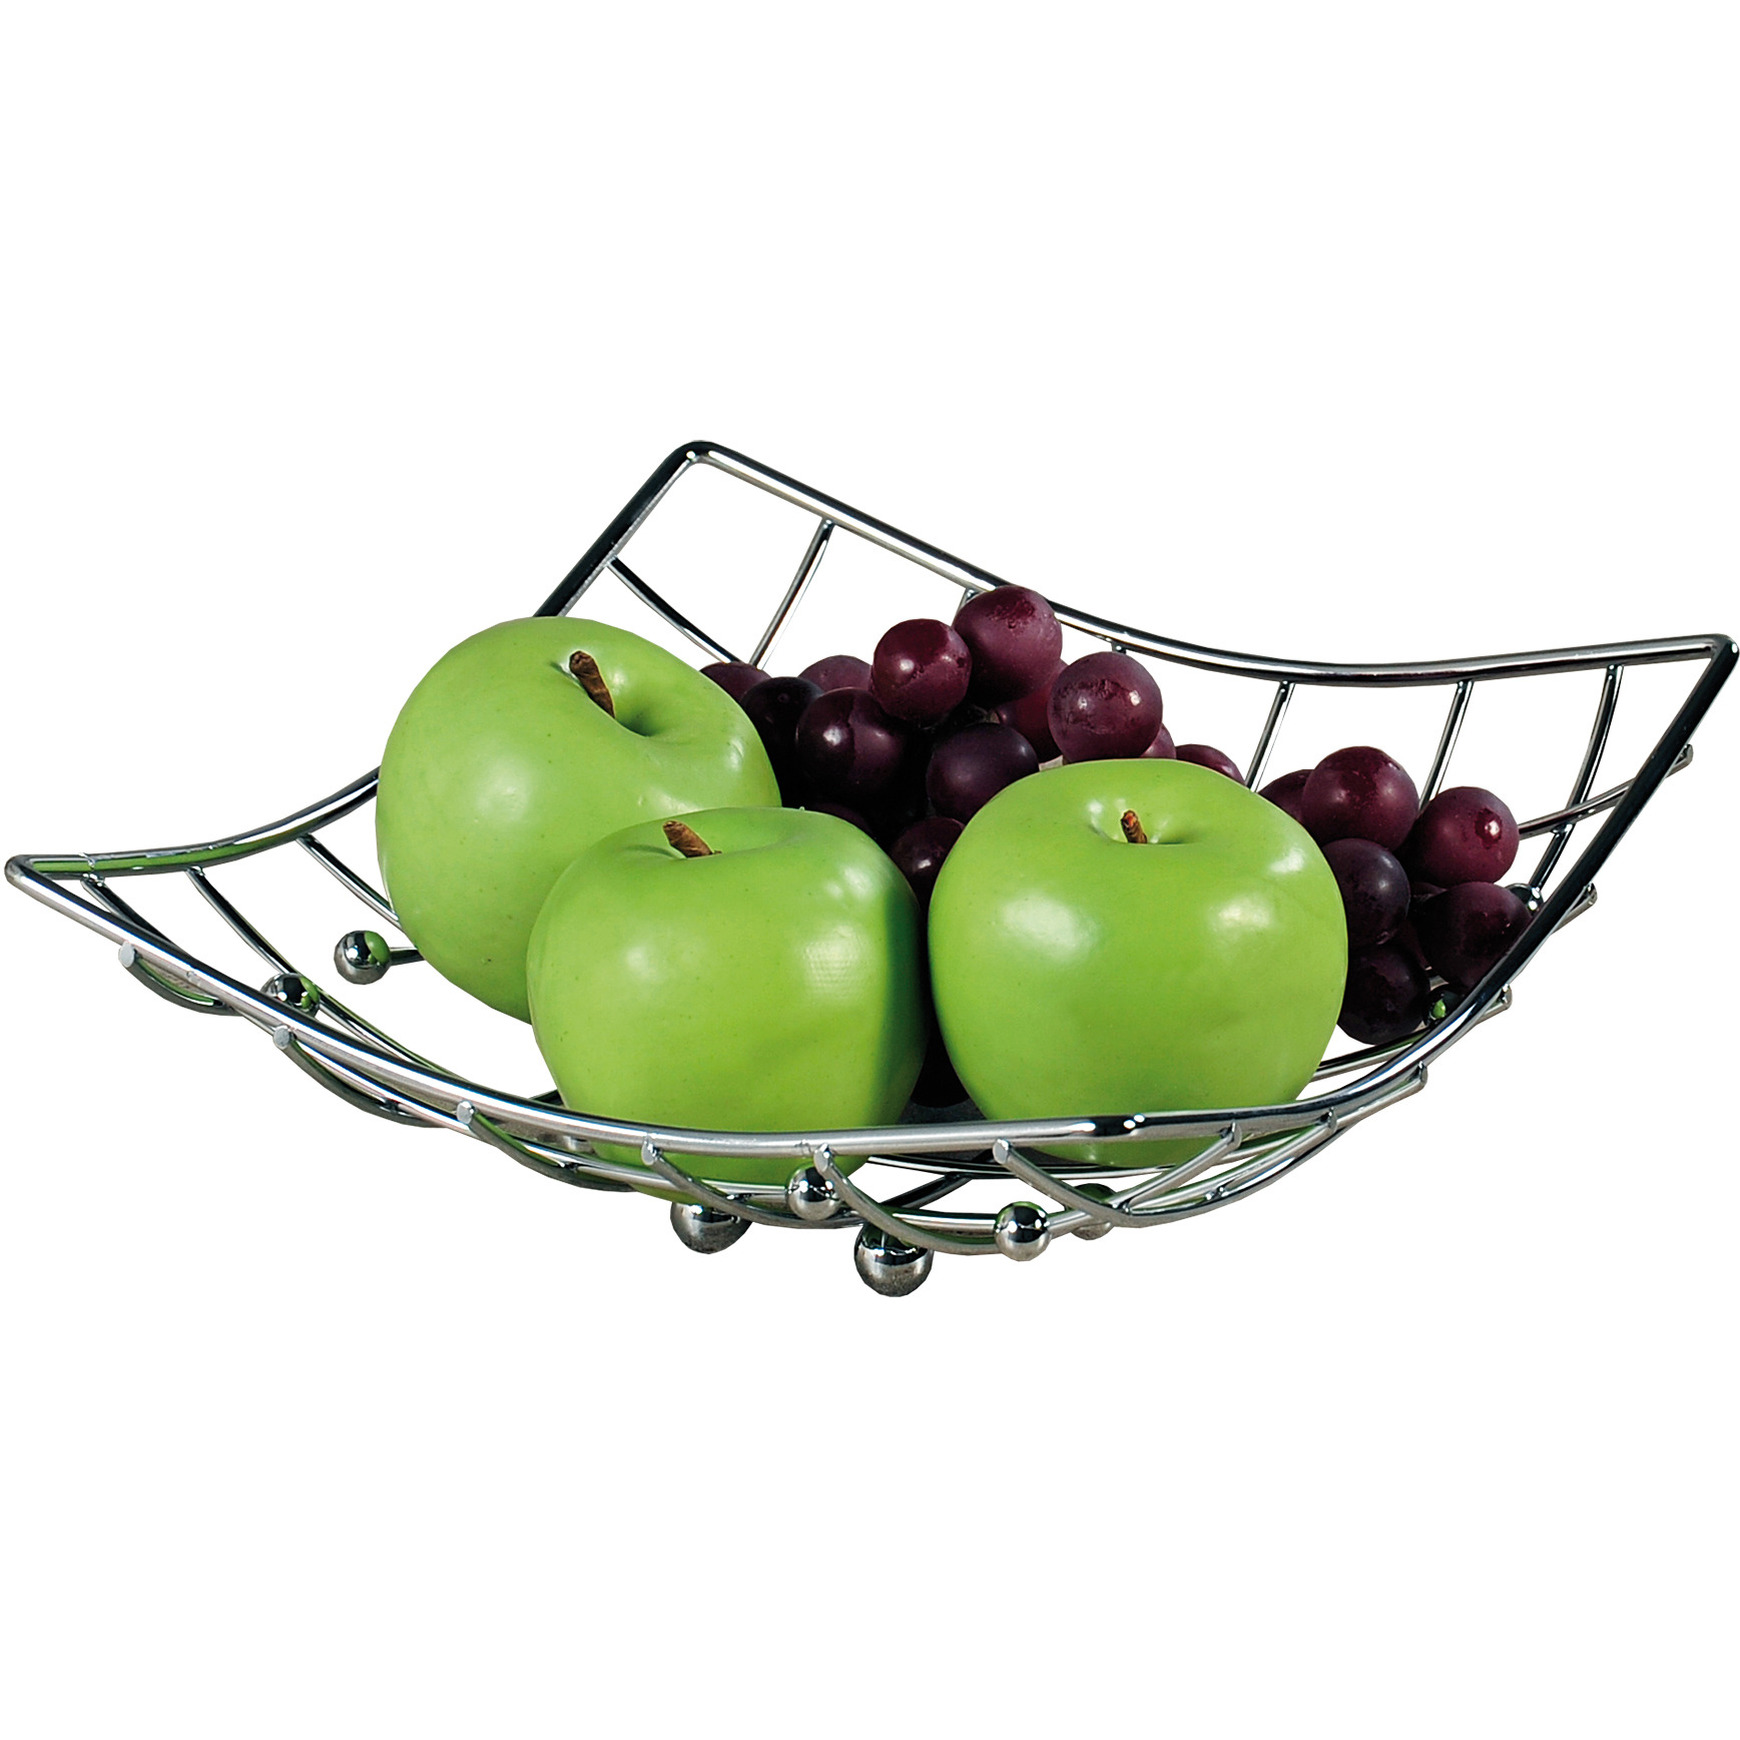 Metalen fruitschaal-fruitmand 26 x 24 x 9 cm